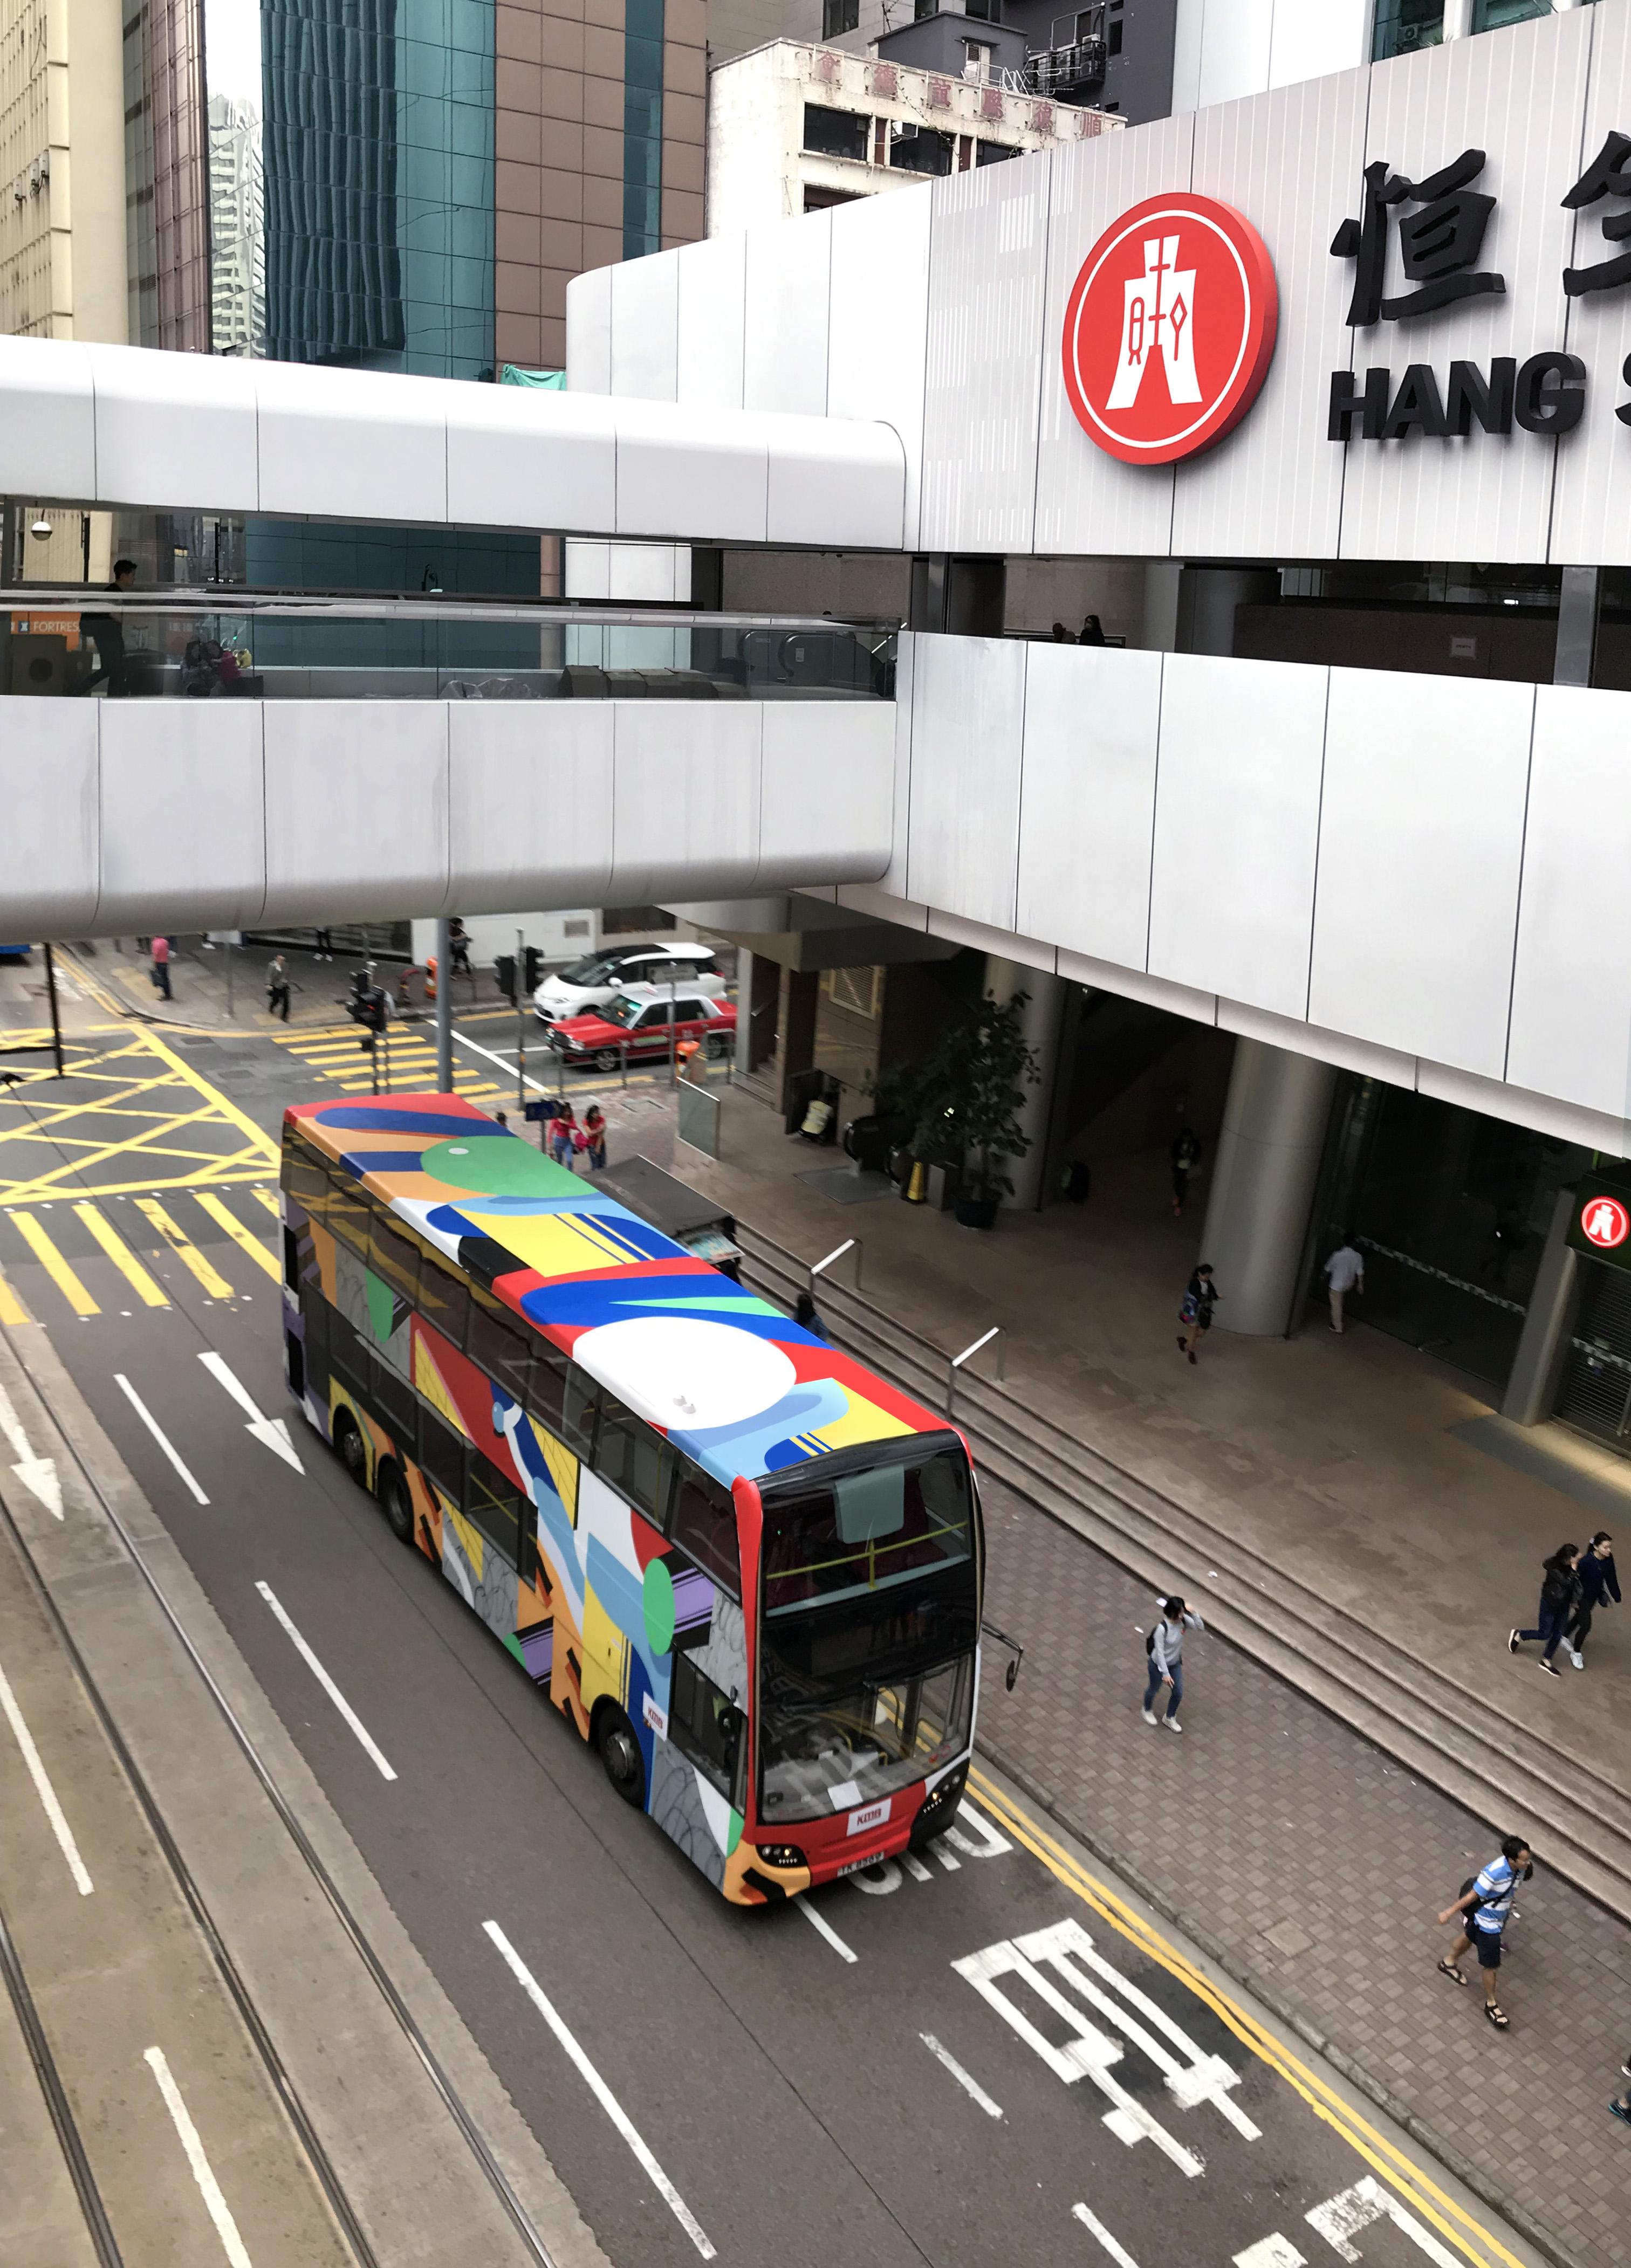 http://murone.net/wp-content/uploads/Iker-Muro-Murone-Hong-Kong 2